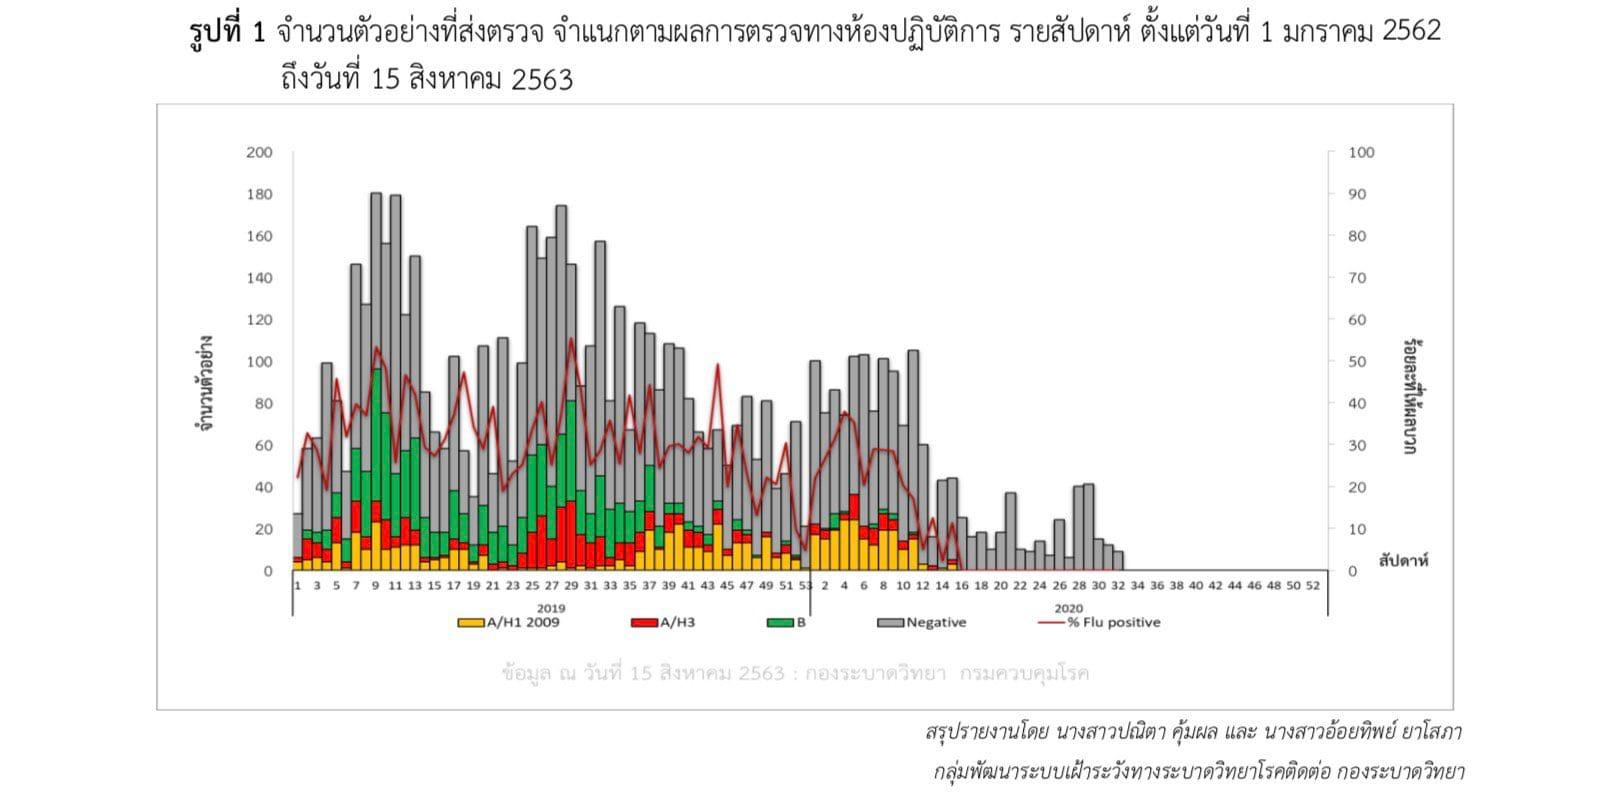 タイのインフルエンザ患者数の推移